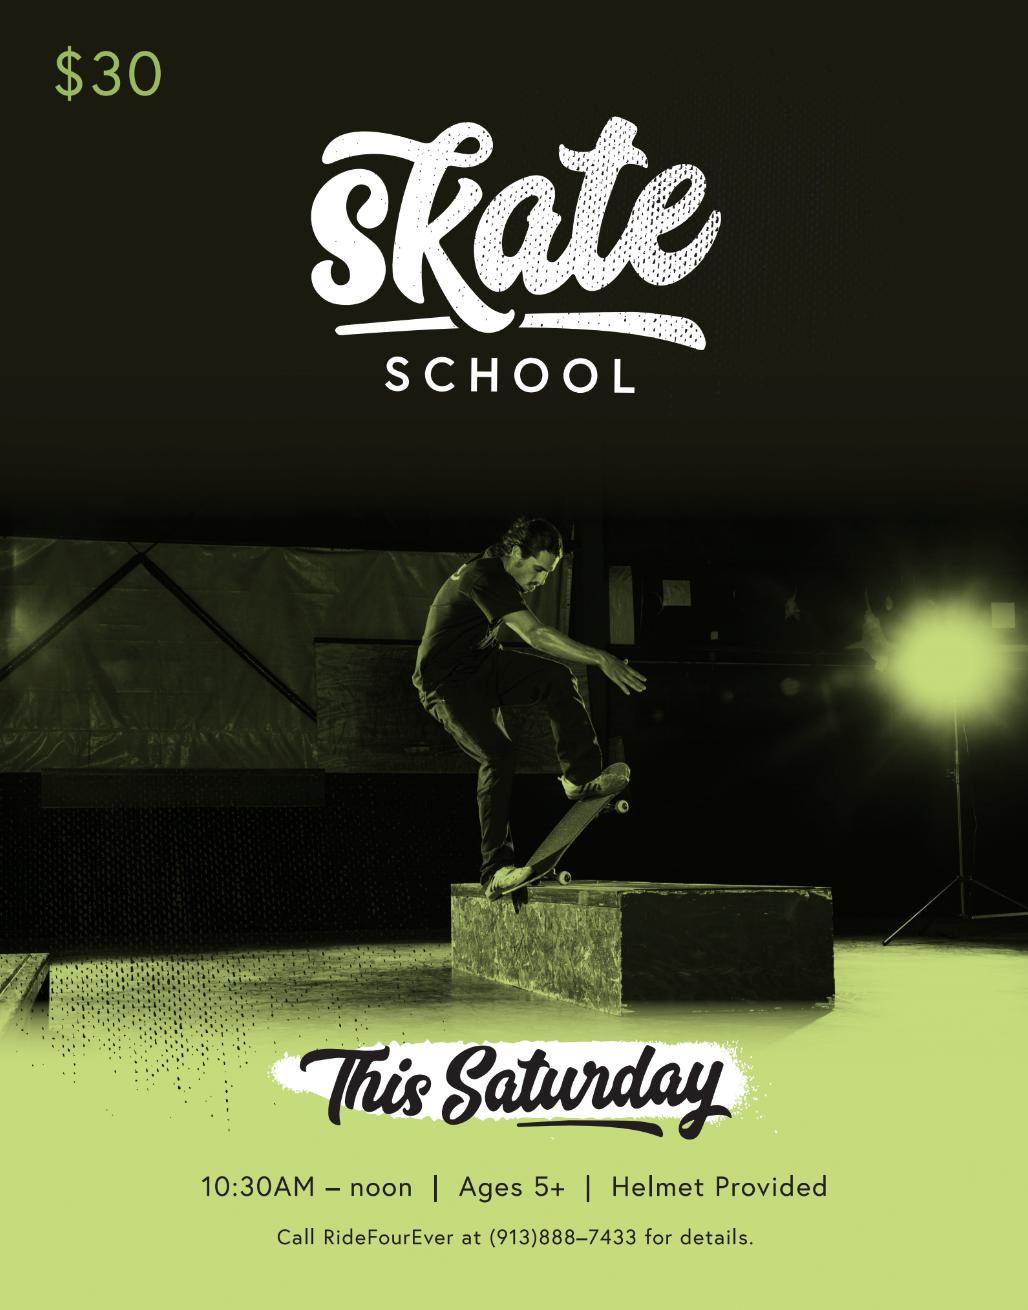 skateboard+skateschool+indoorskatepark+kansascity